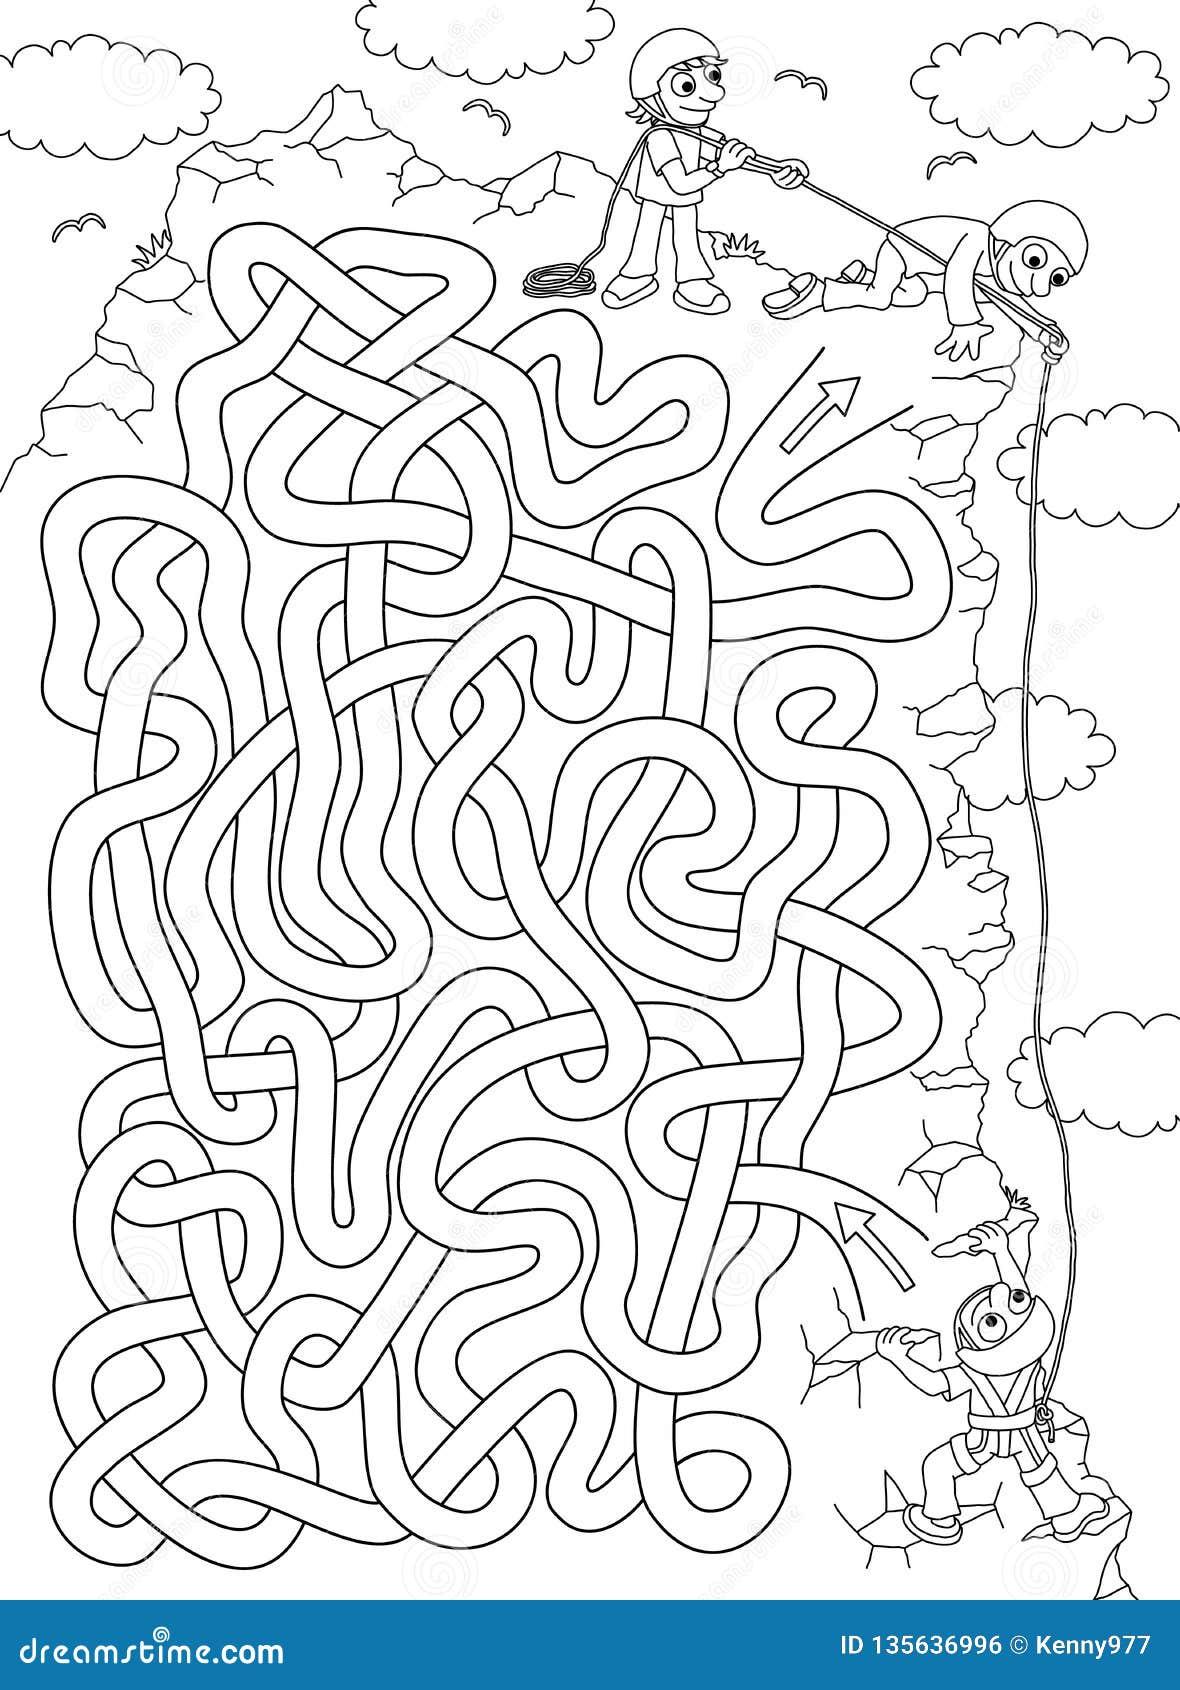 Grimpeur - labyrinthe pour des enfants